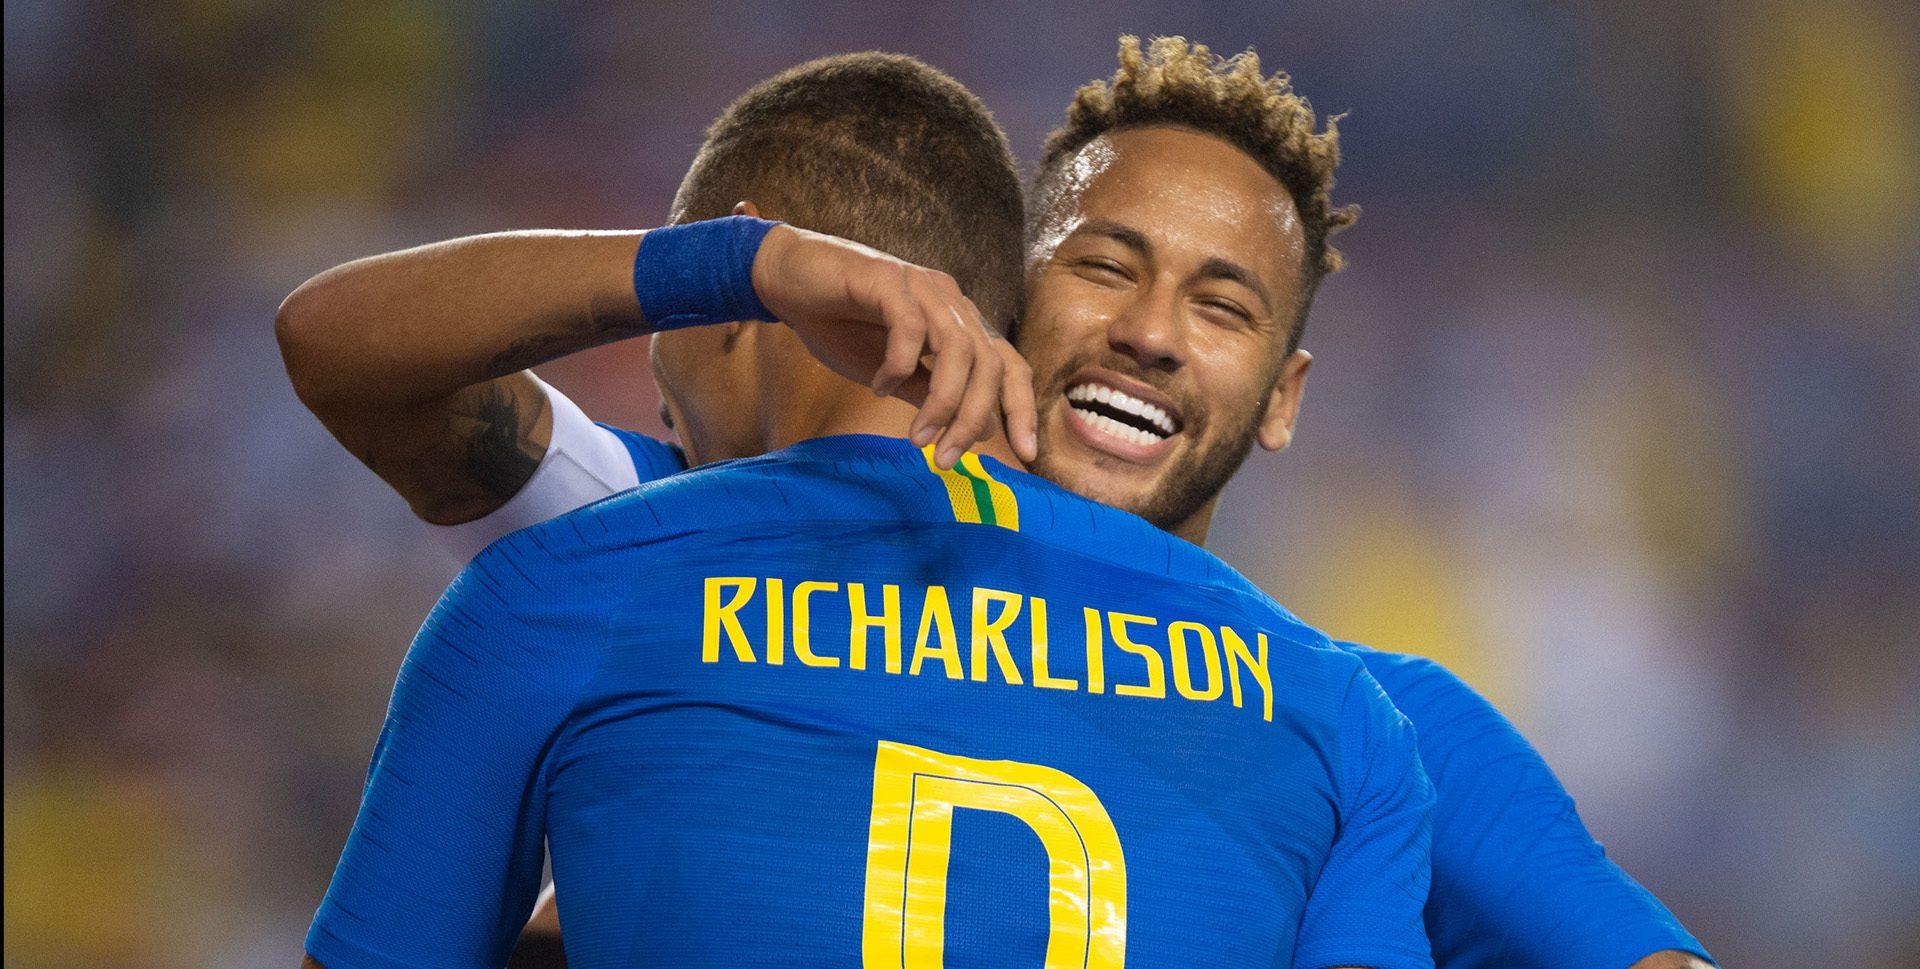 Din vina lui Neymar, Richarlison a primit 10.000 de telefoane în 5 minute. Sursă foto: goal.com